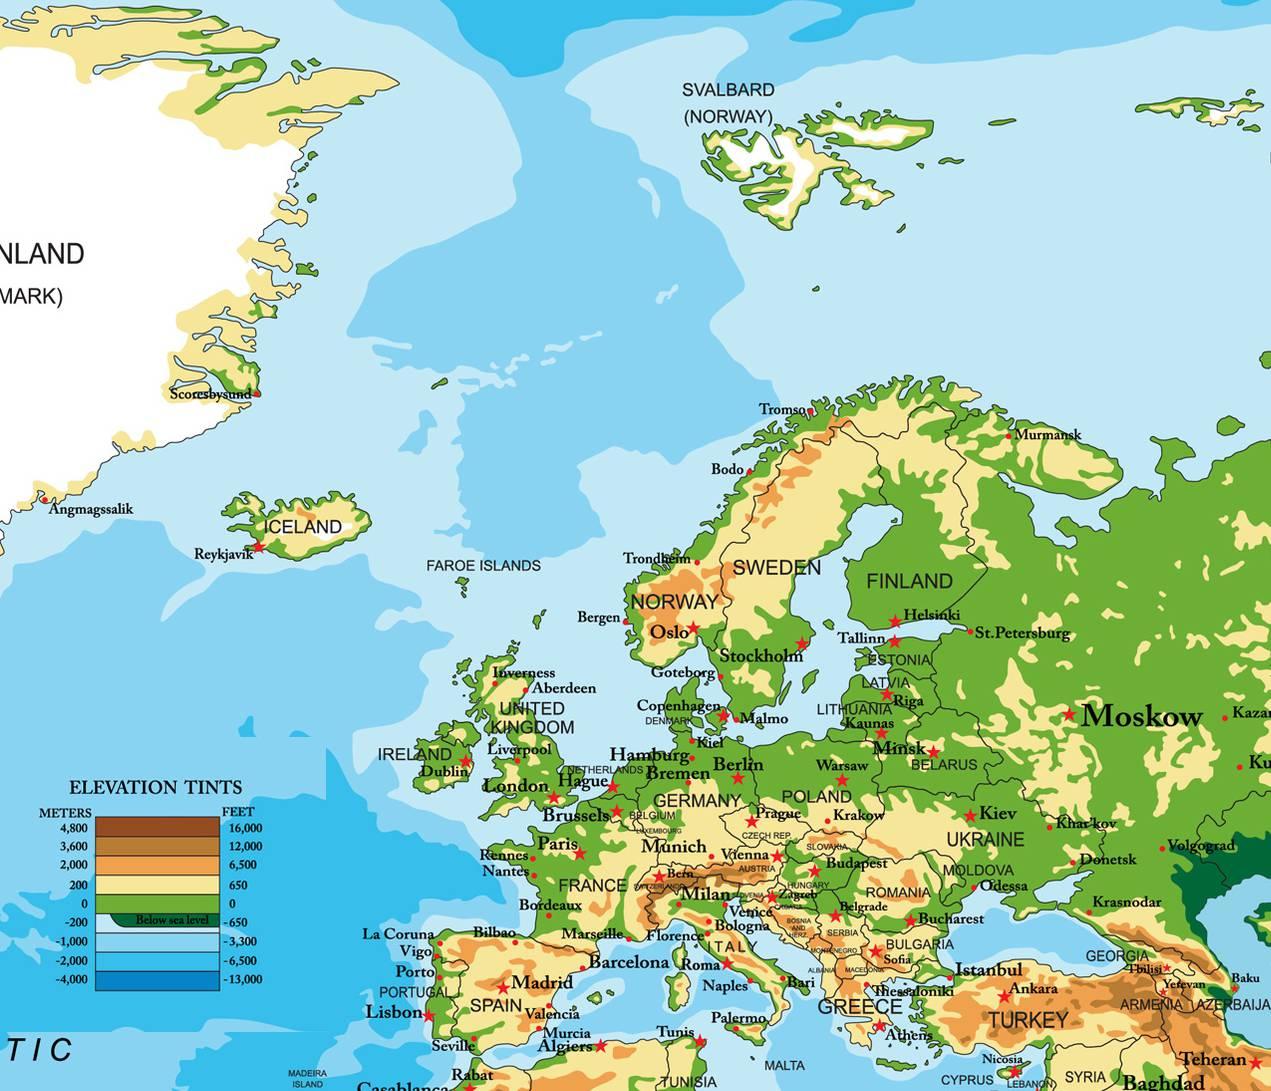 Carte De L'europe - Cartes Reliefs, Villes, Pays, Euro, Ue intérieur Carte De L Europe 2017